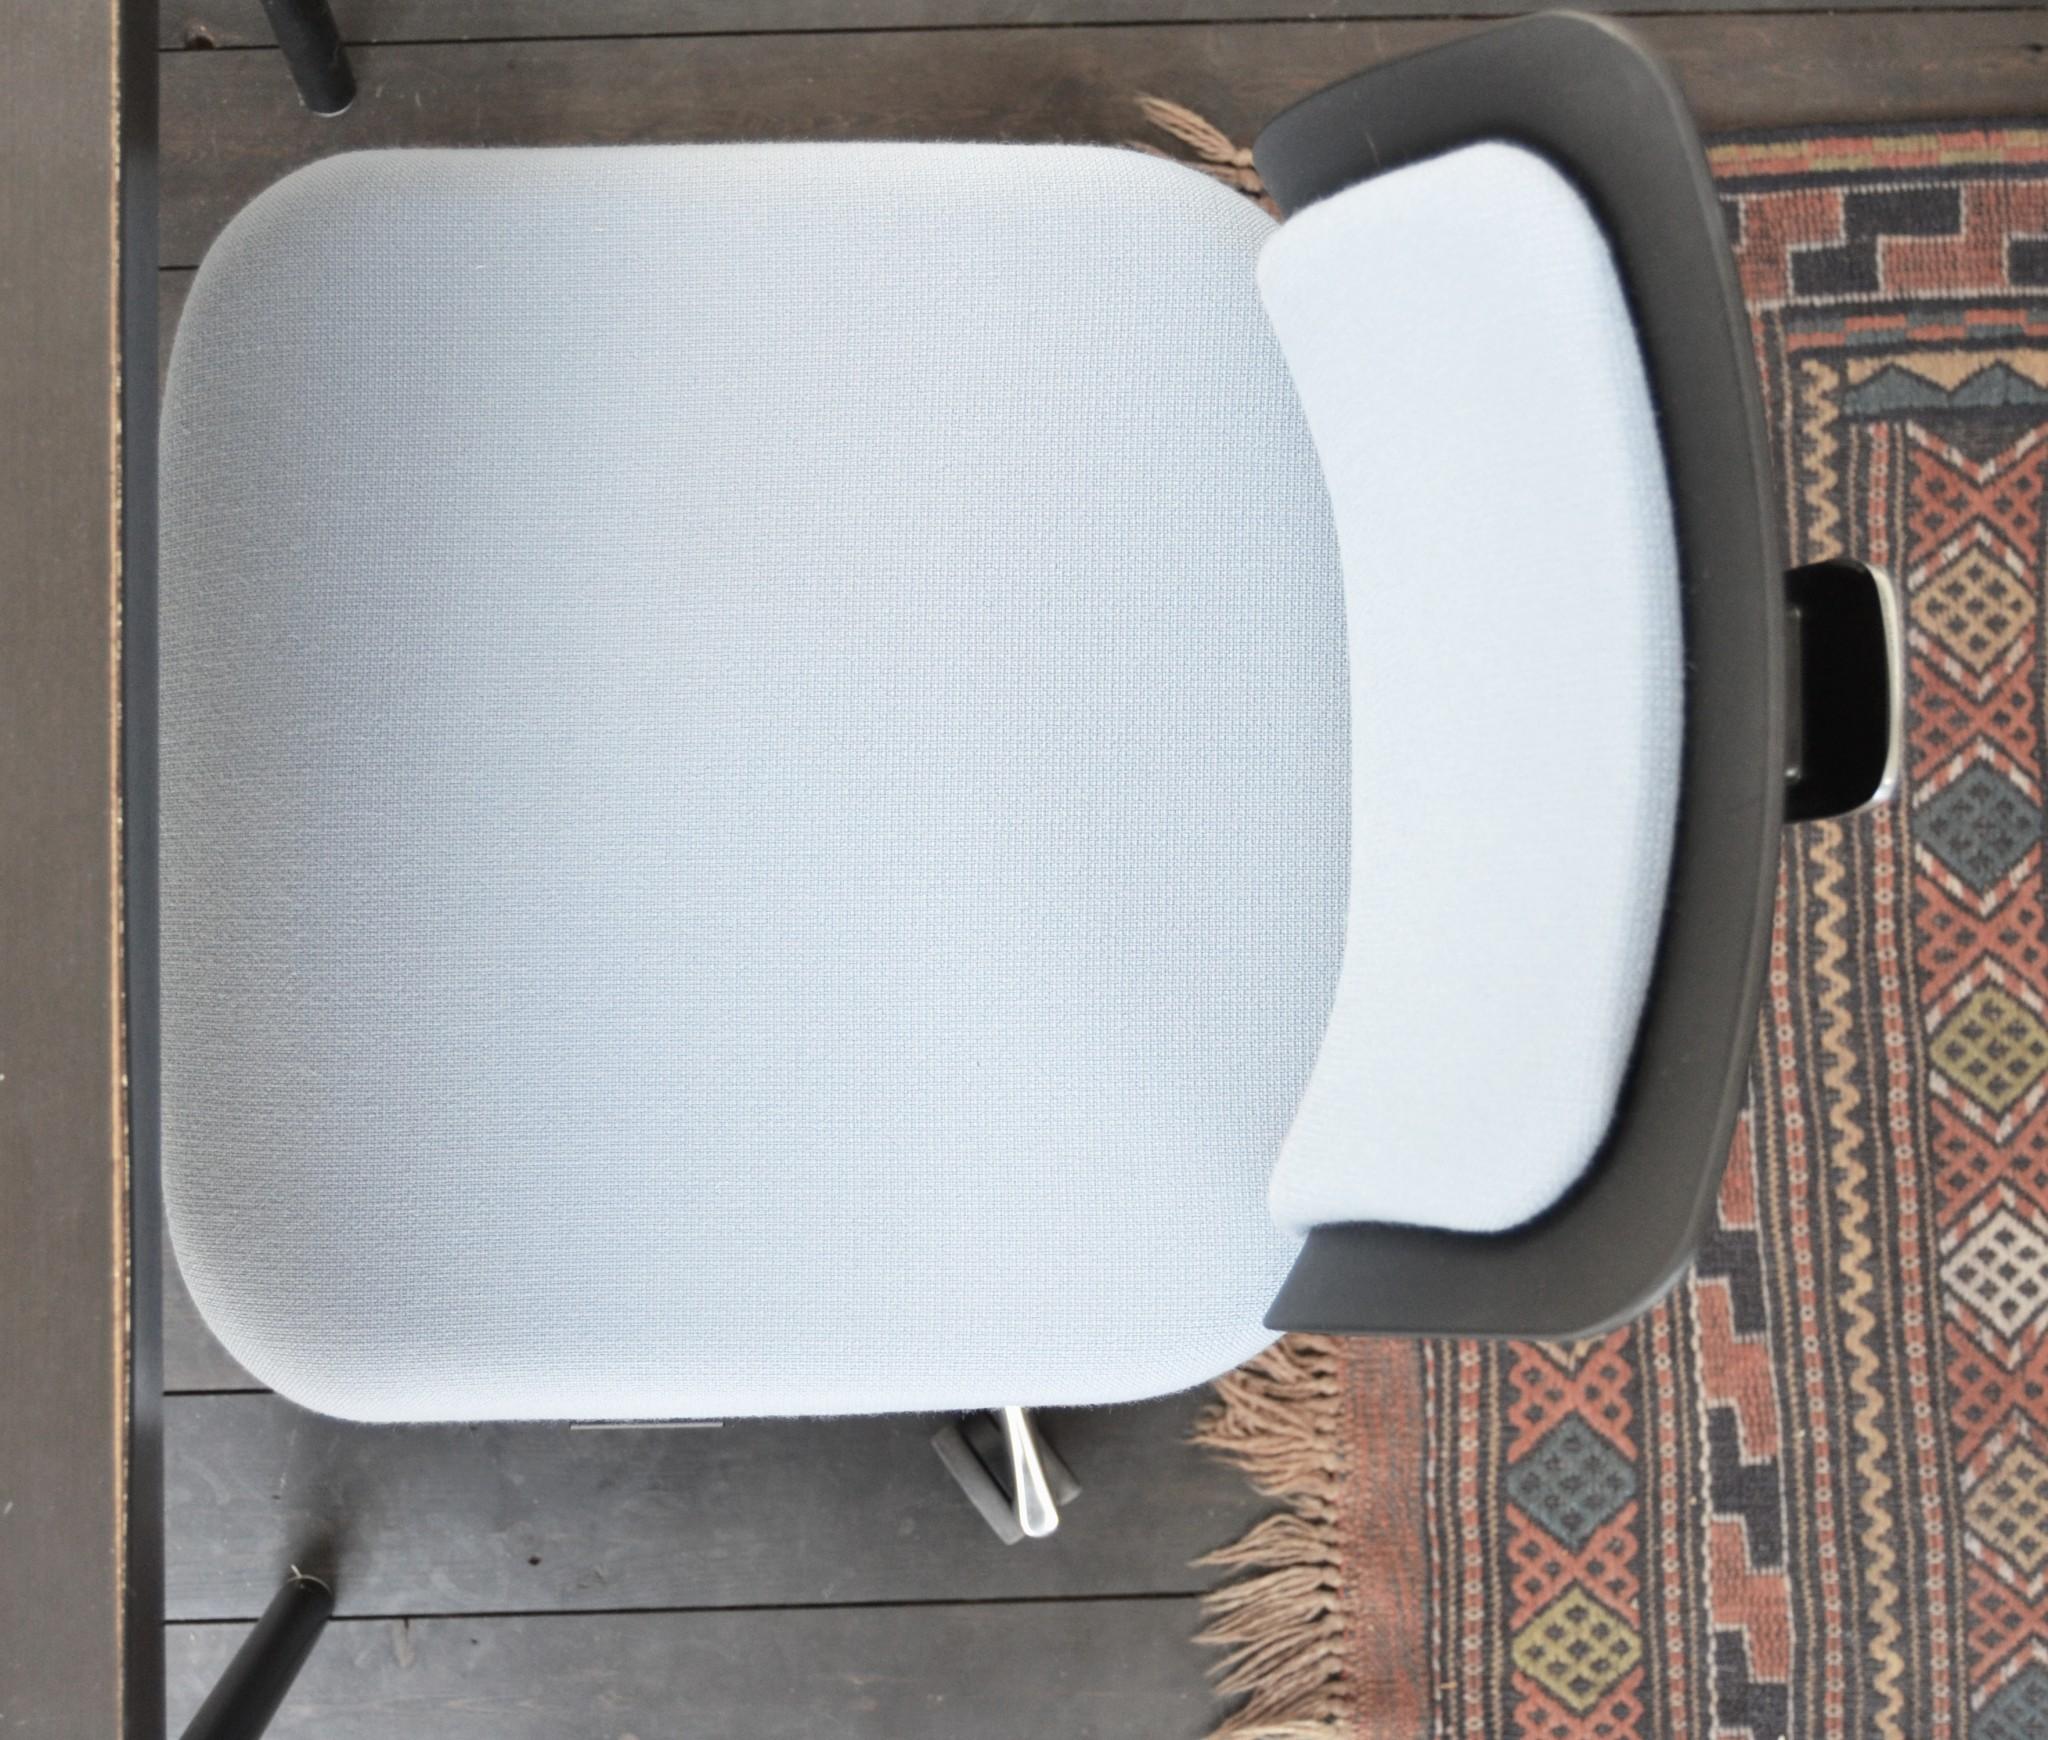 blaa-kontotrstol-fox-indretning-kontor